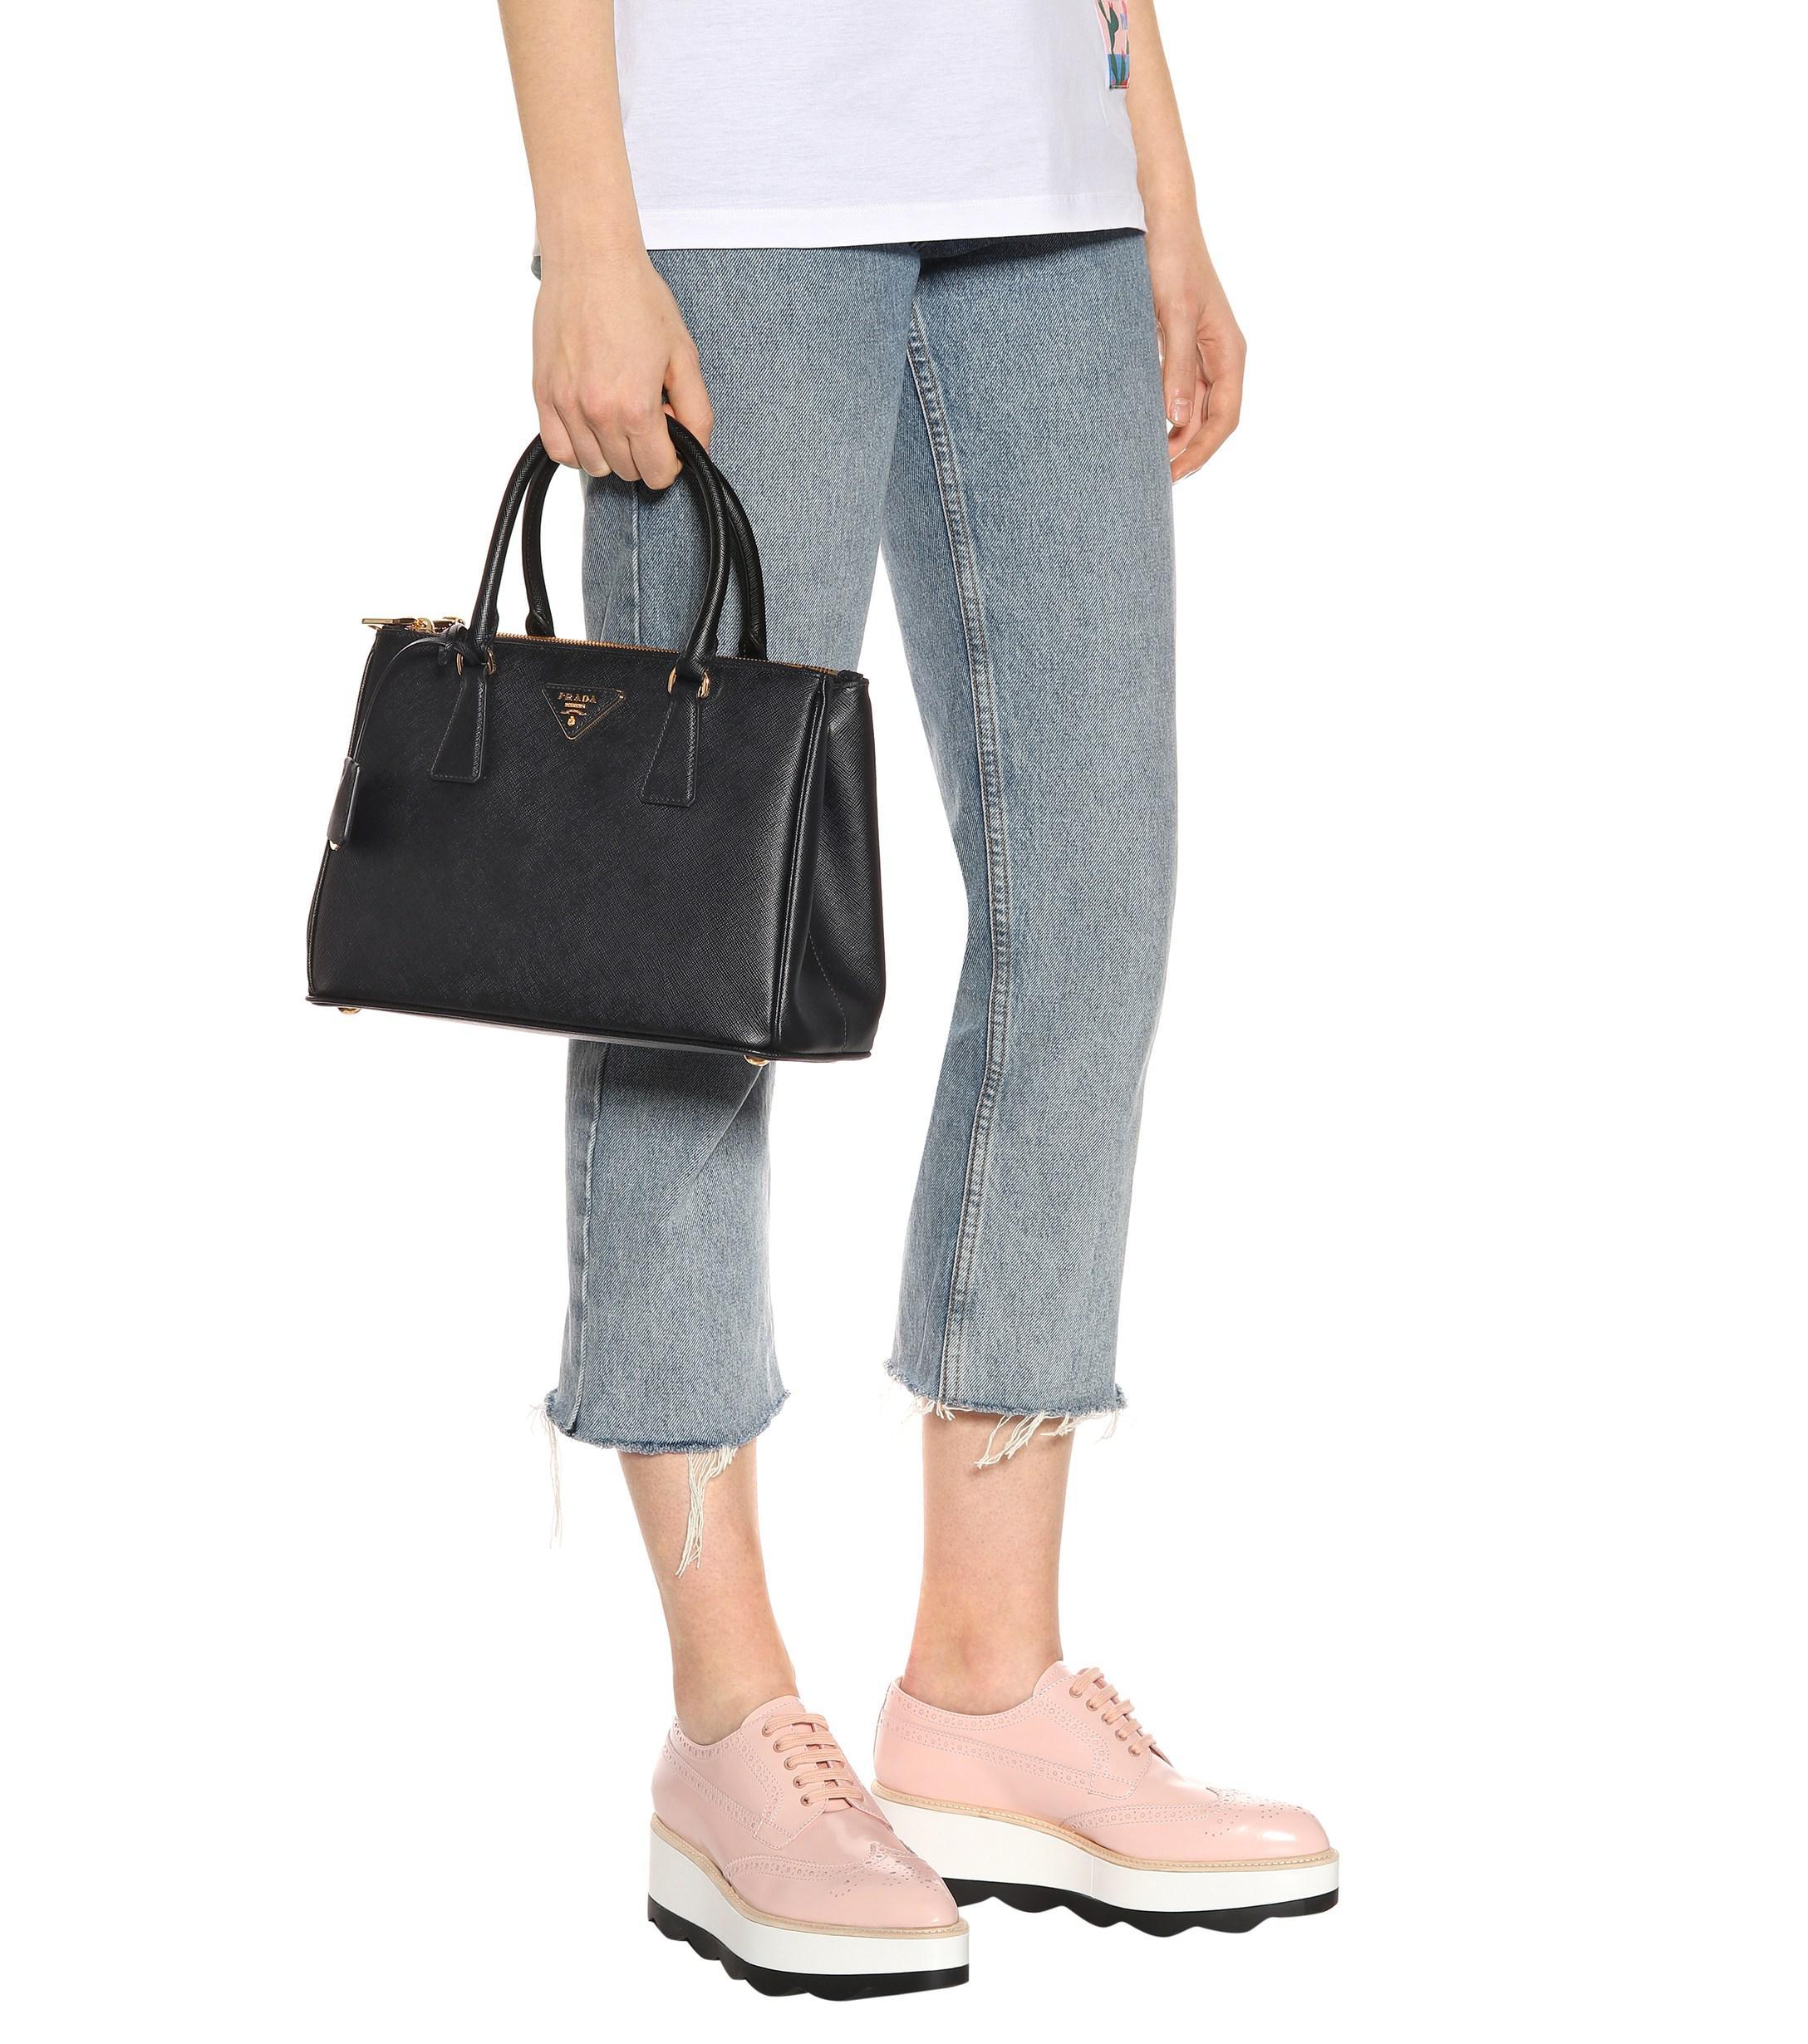 dd6adddf976 Prada Galleria Saffiano Small Leather Shoulder Bag in Black - Lyst